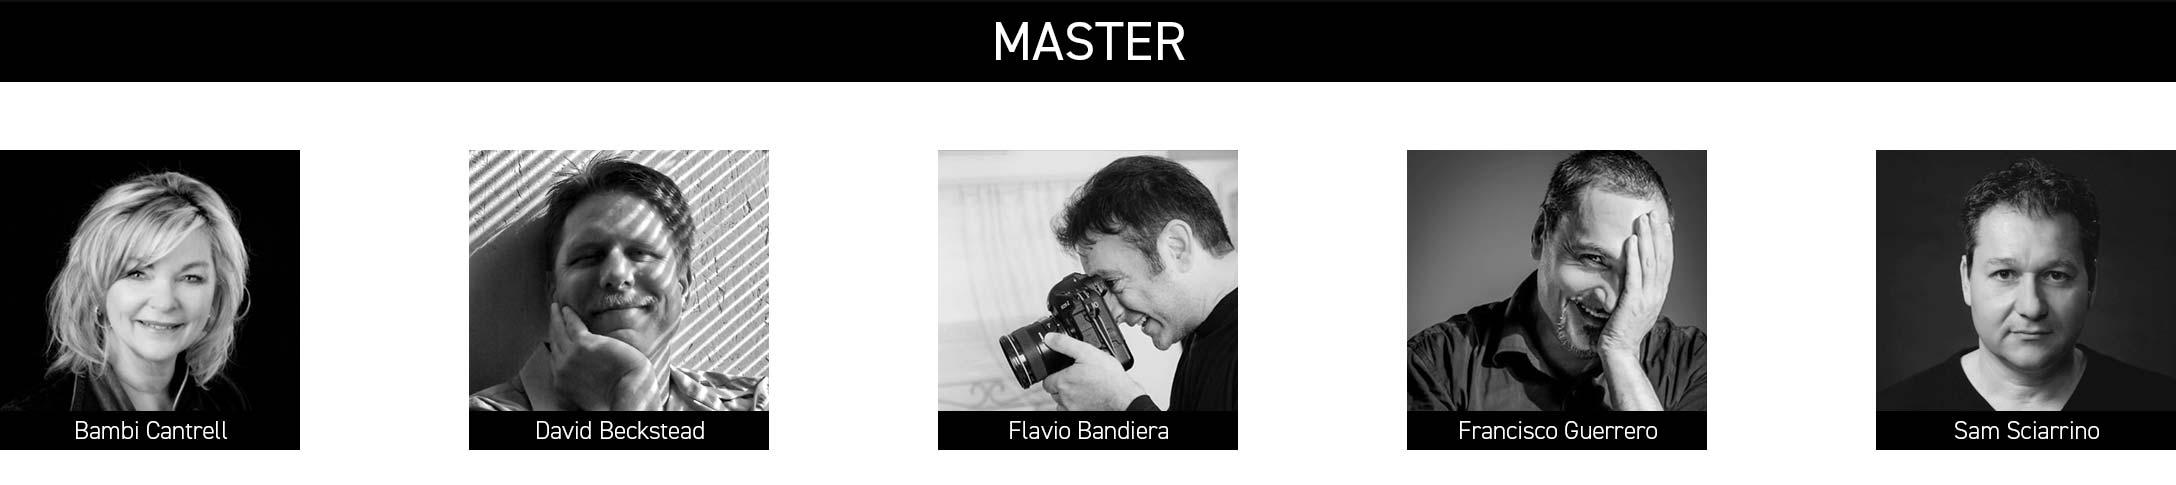 Master_x-3-lingue-1